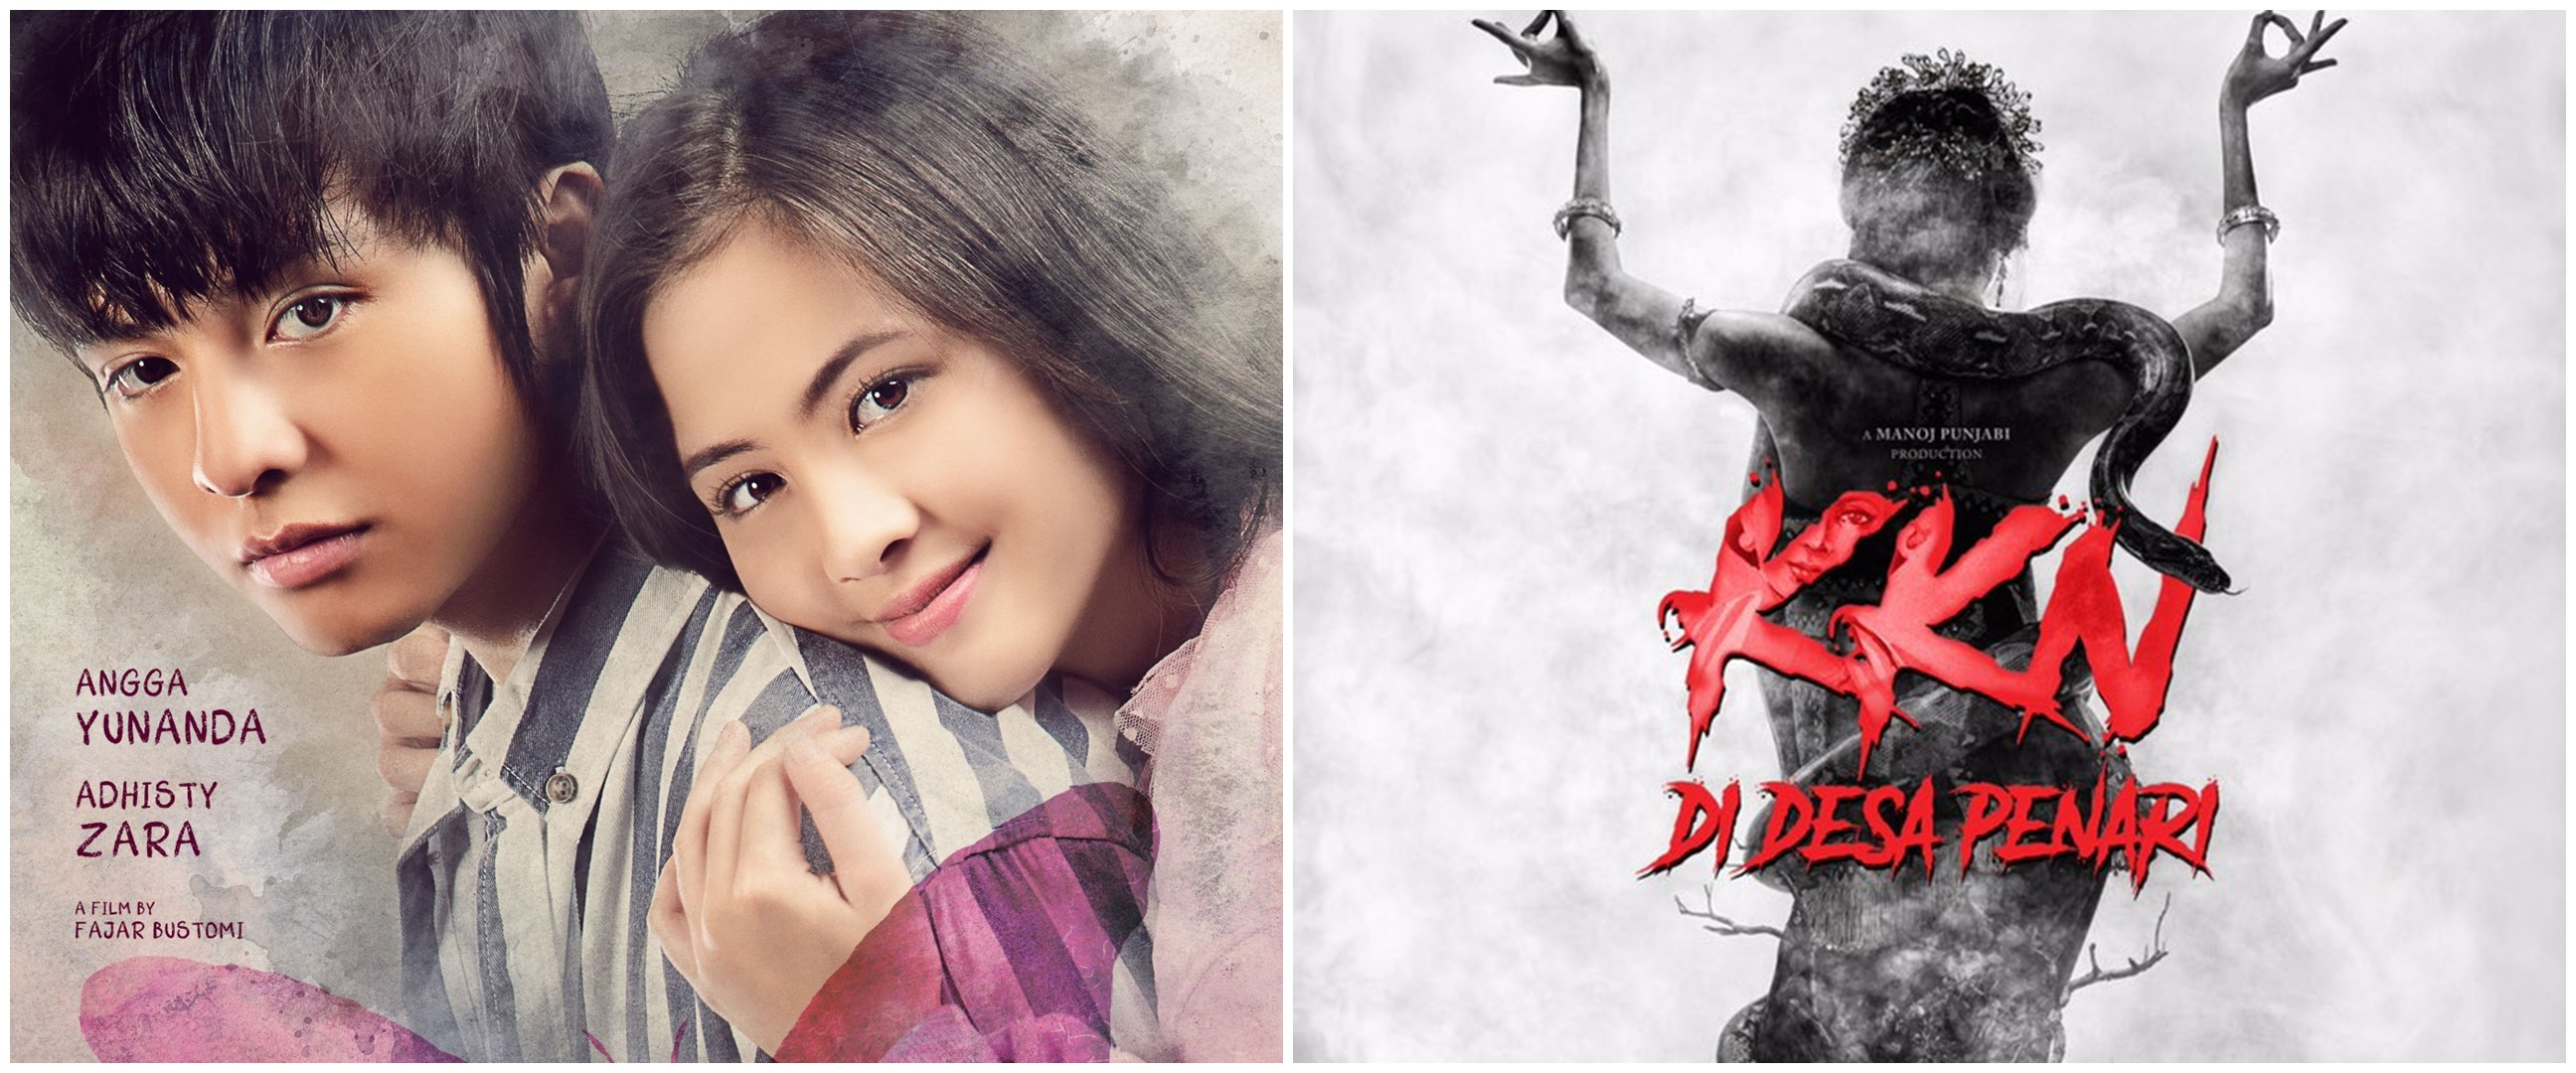 8 Film Indonesia Maret 2020, Mariposa hingga KKN di Desa Penari